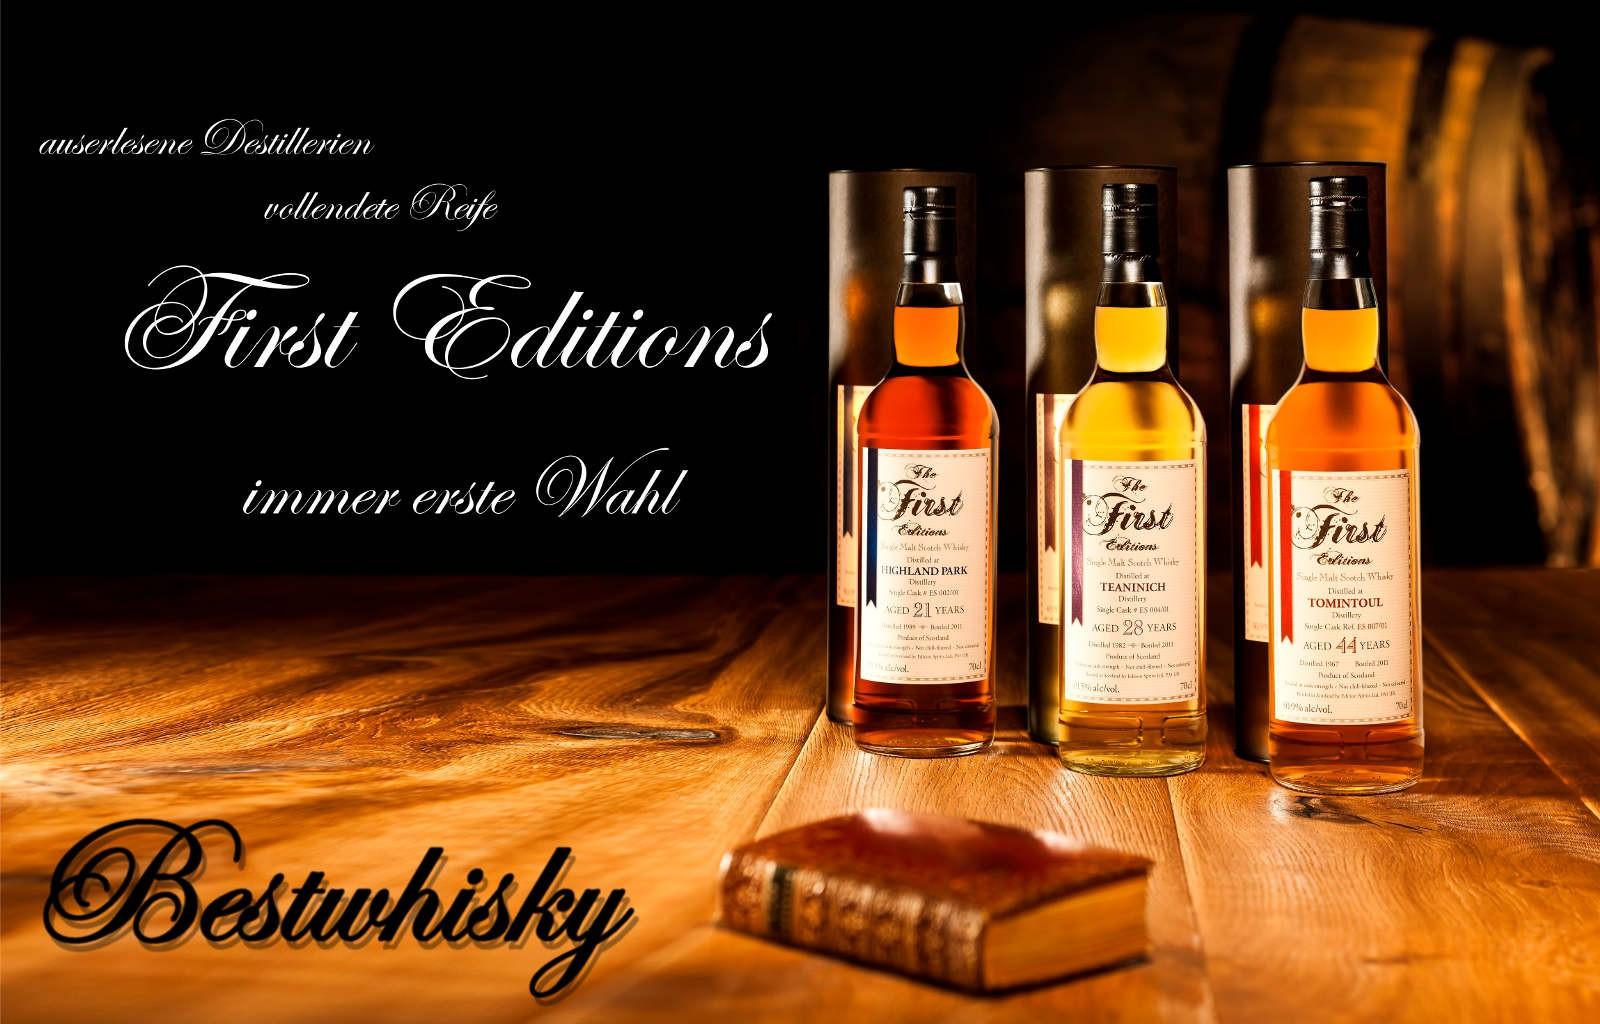 Die besten Destillerien, die besten Jahrgänge -- First Editions -- erste Wahl